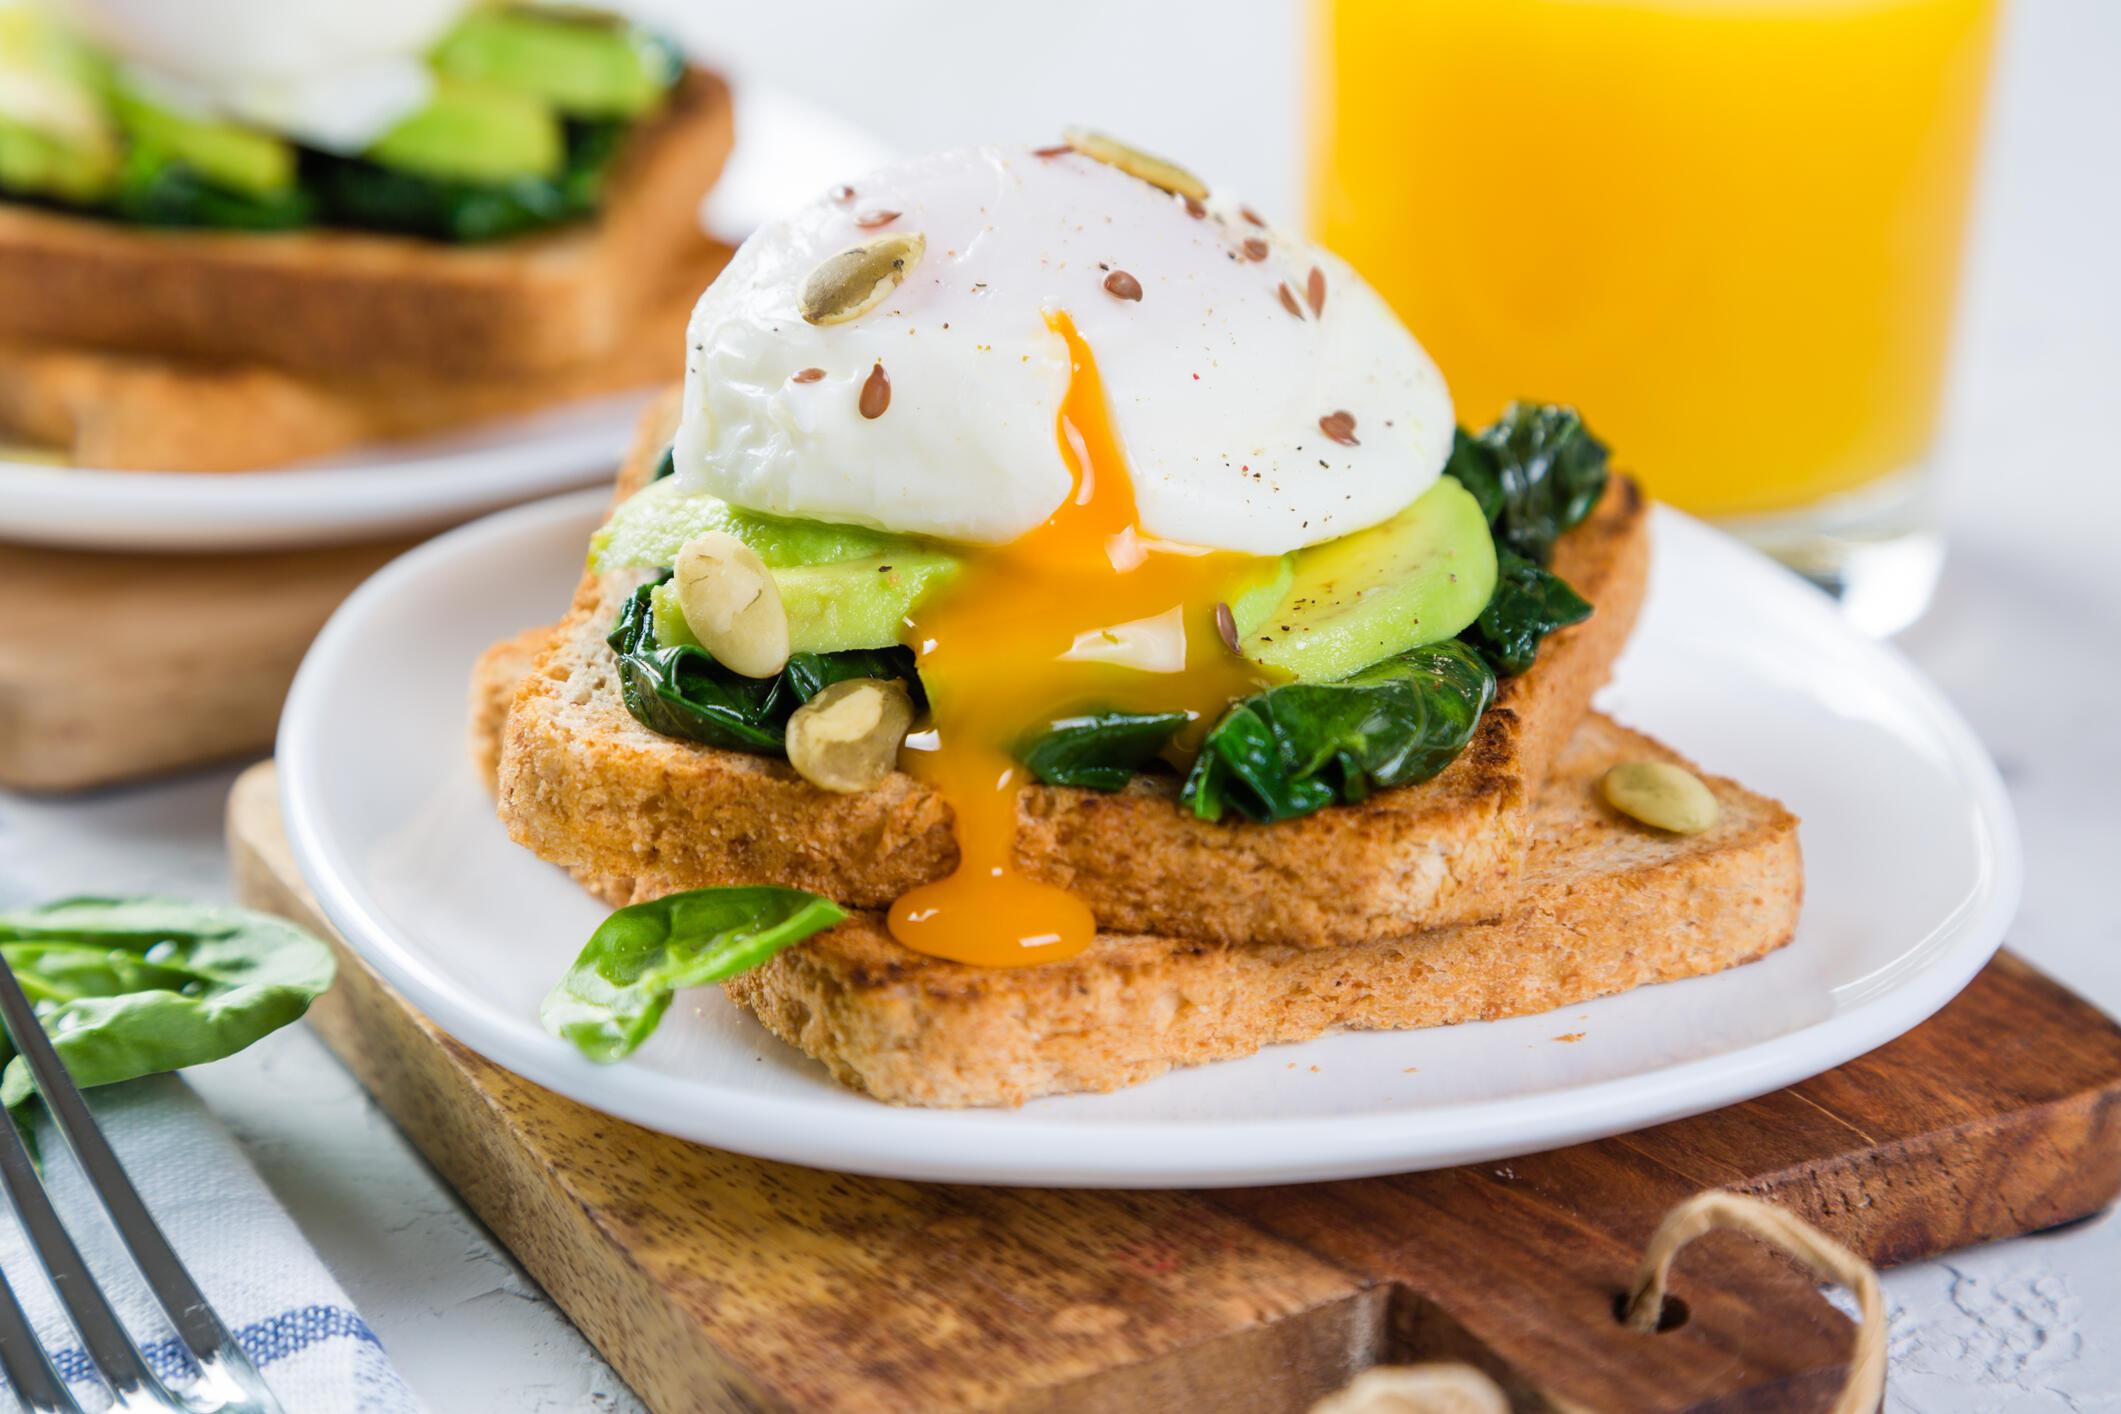 Begini Cara Tepat Membuat Poached Egg yang Lembut Meleleh